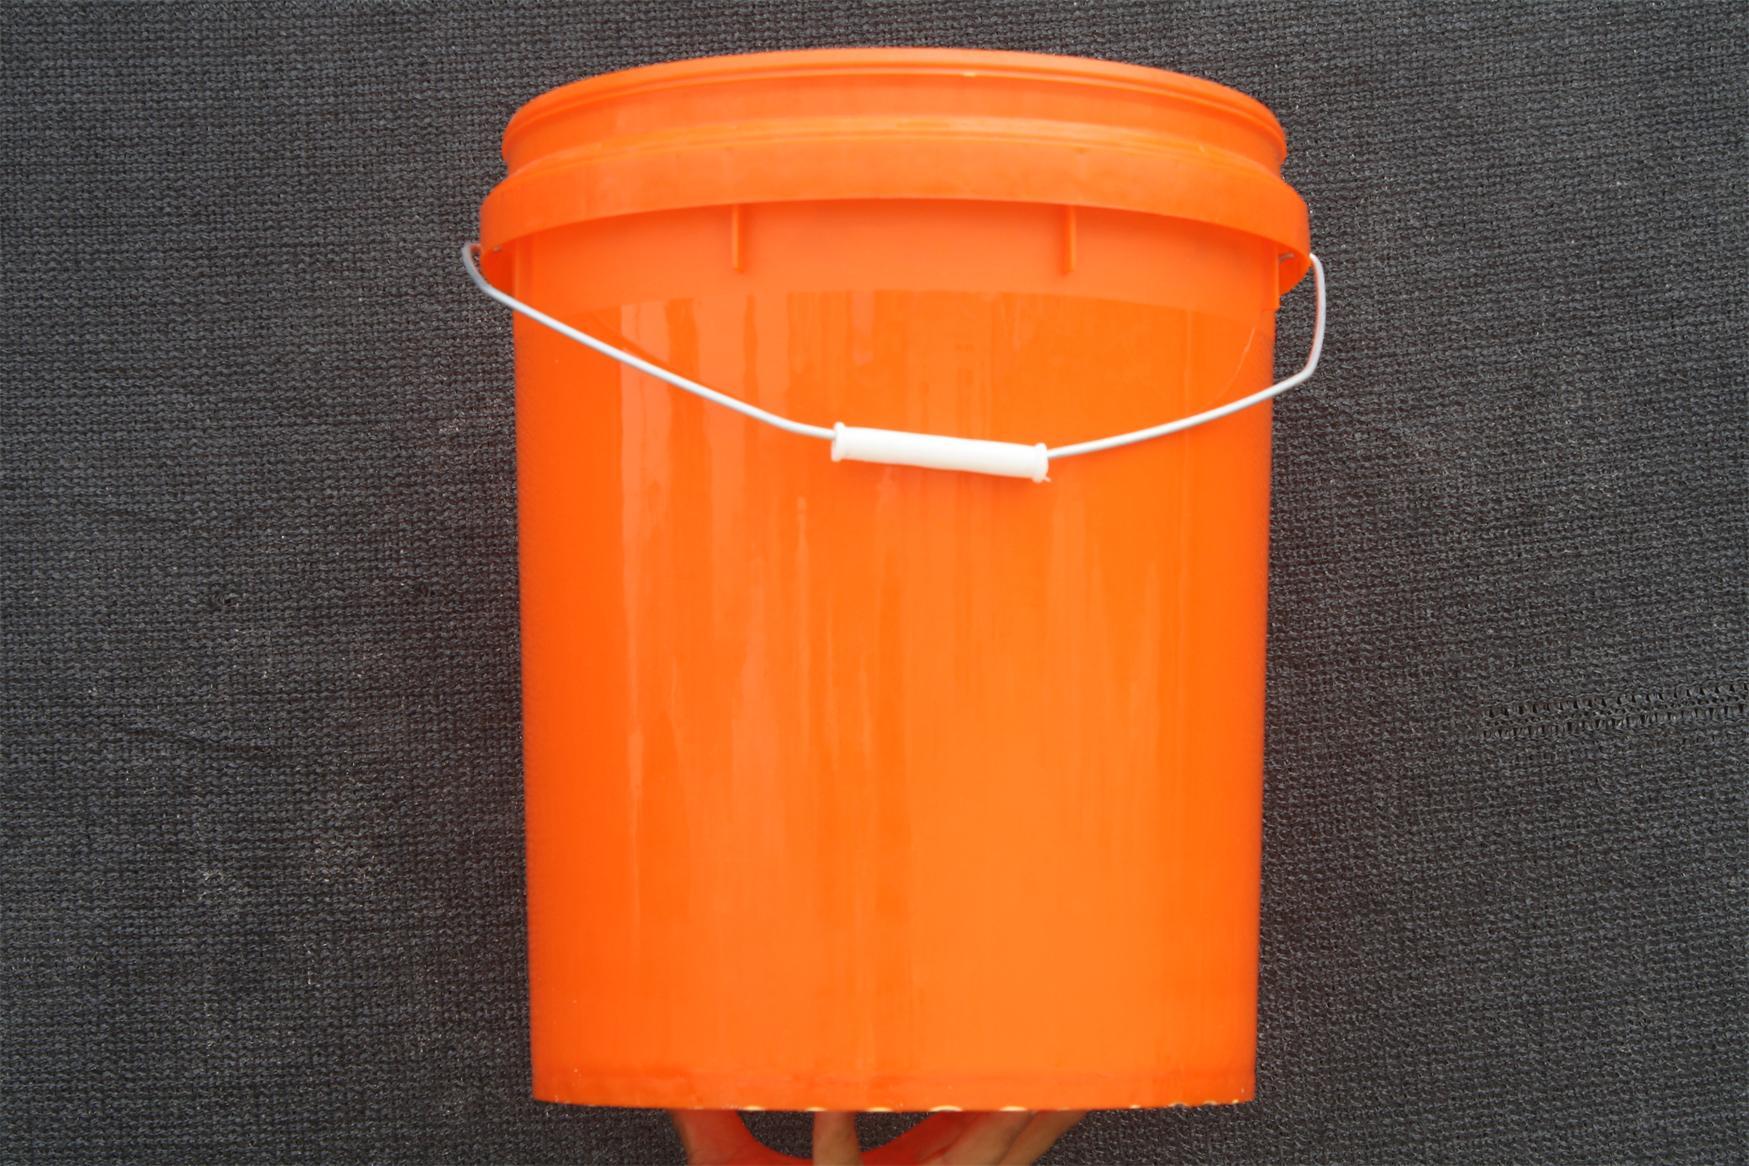 郑州机油桶价格-哪里有供应价格划算的18升机油桶